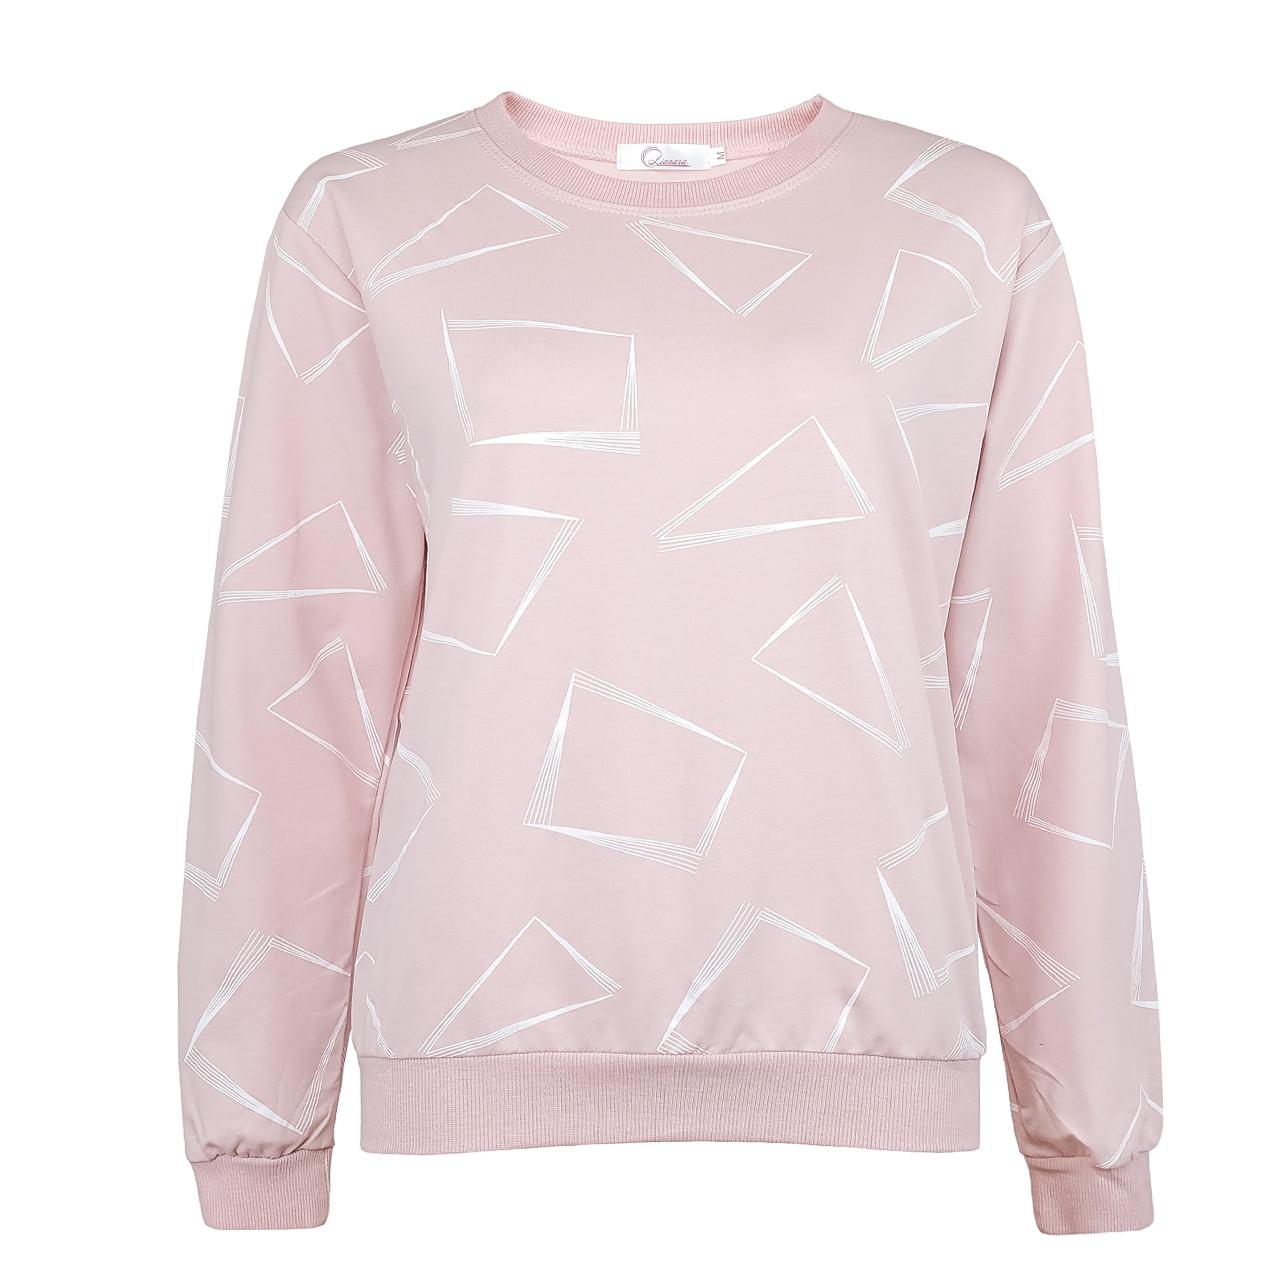 Кофта жіноча коттоновая рожева, стильний осінній світшот